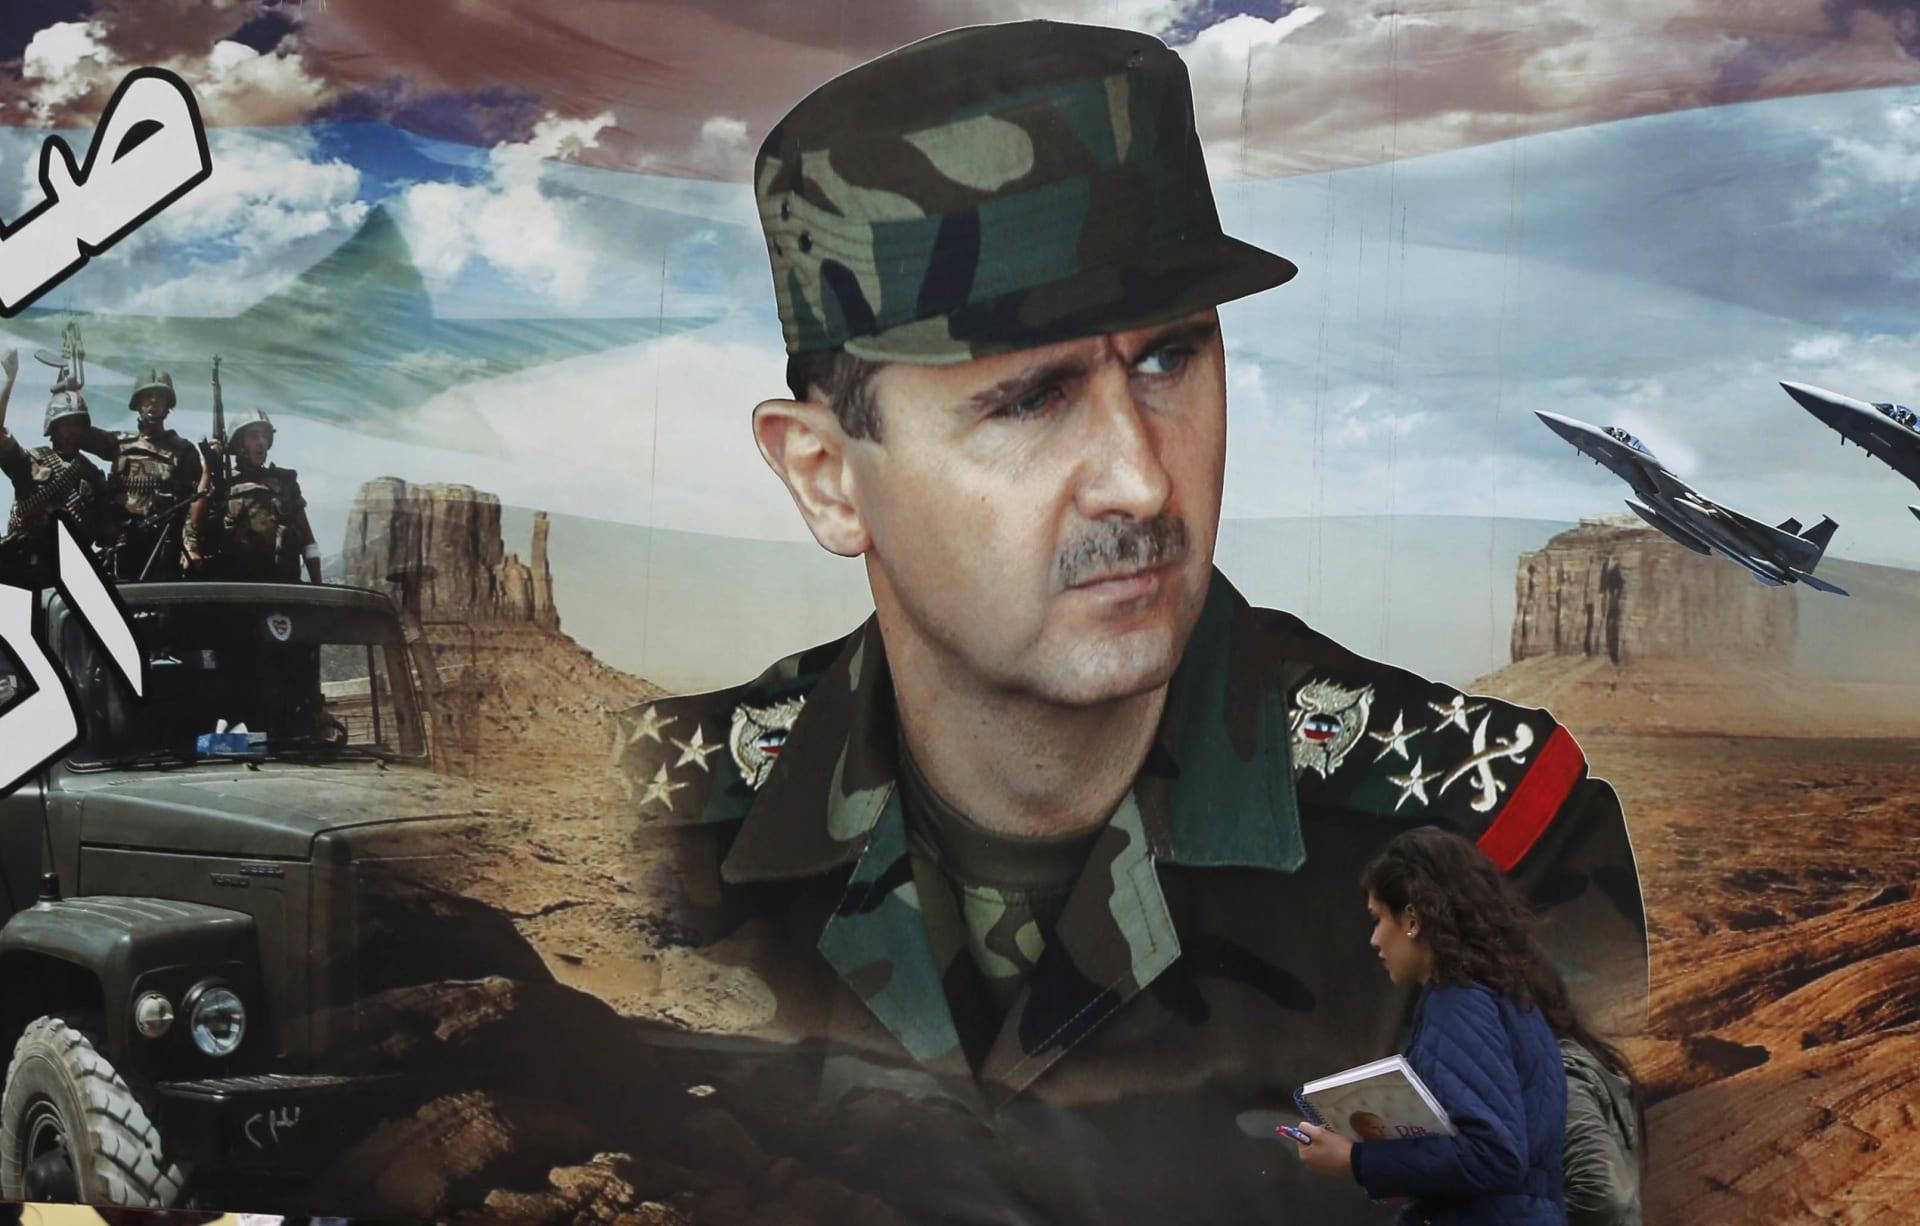 سوريا.. مظاهرات في السويداء تطالب برحيل بشار الأسد وإسقاط النظام